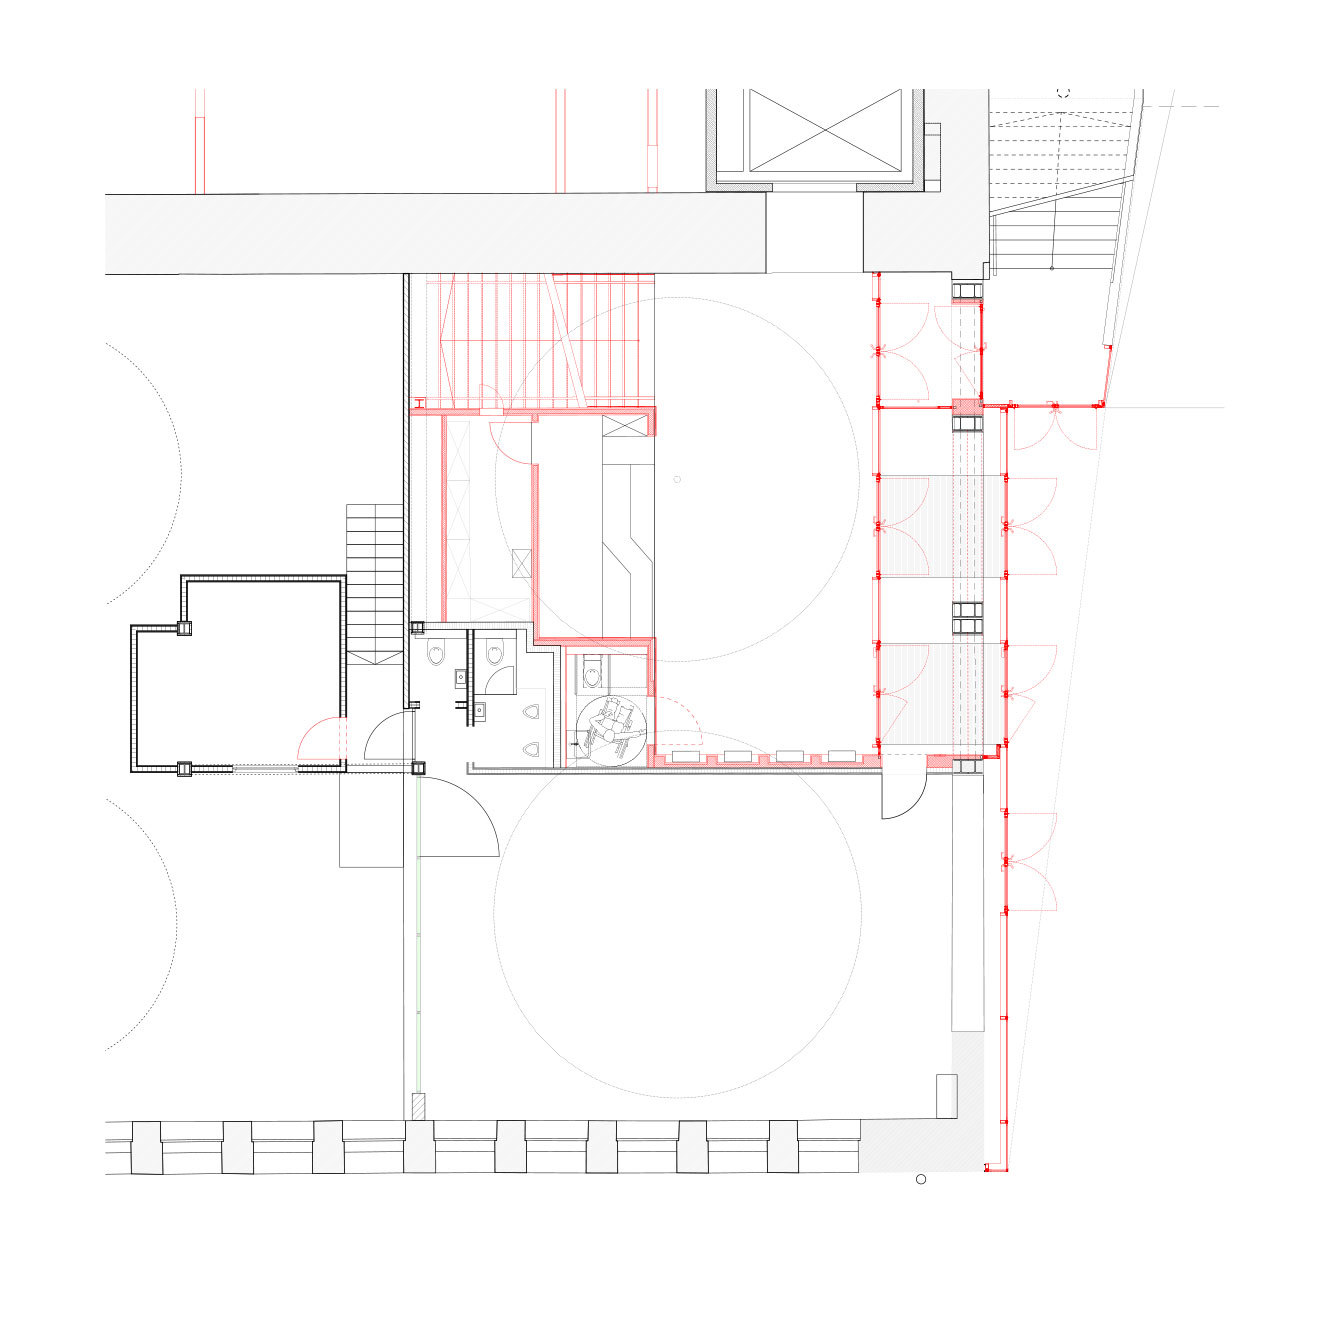 Kindl Gr 008 Foyer 2